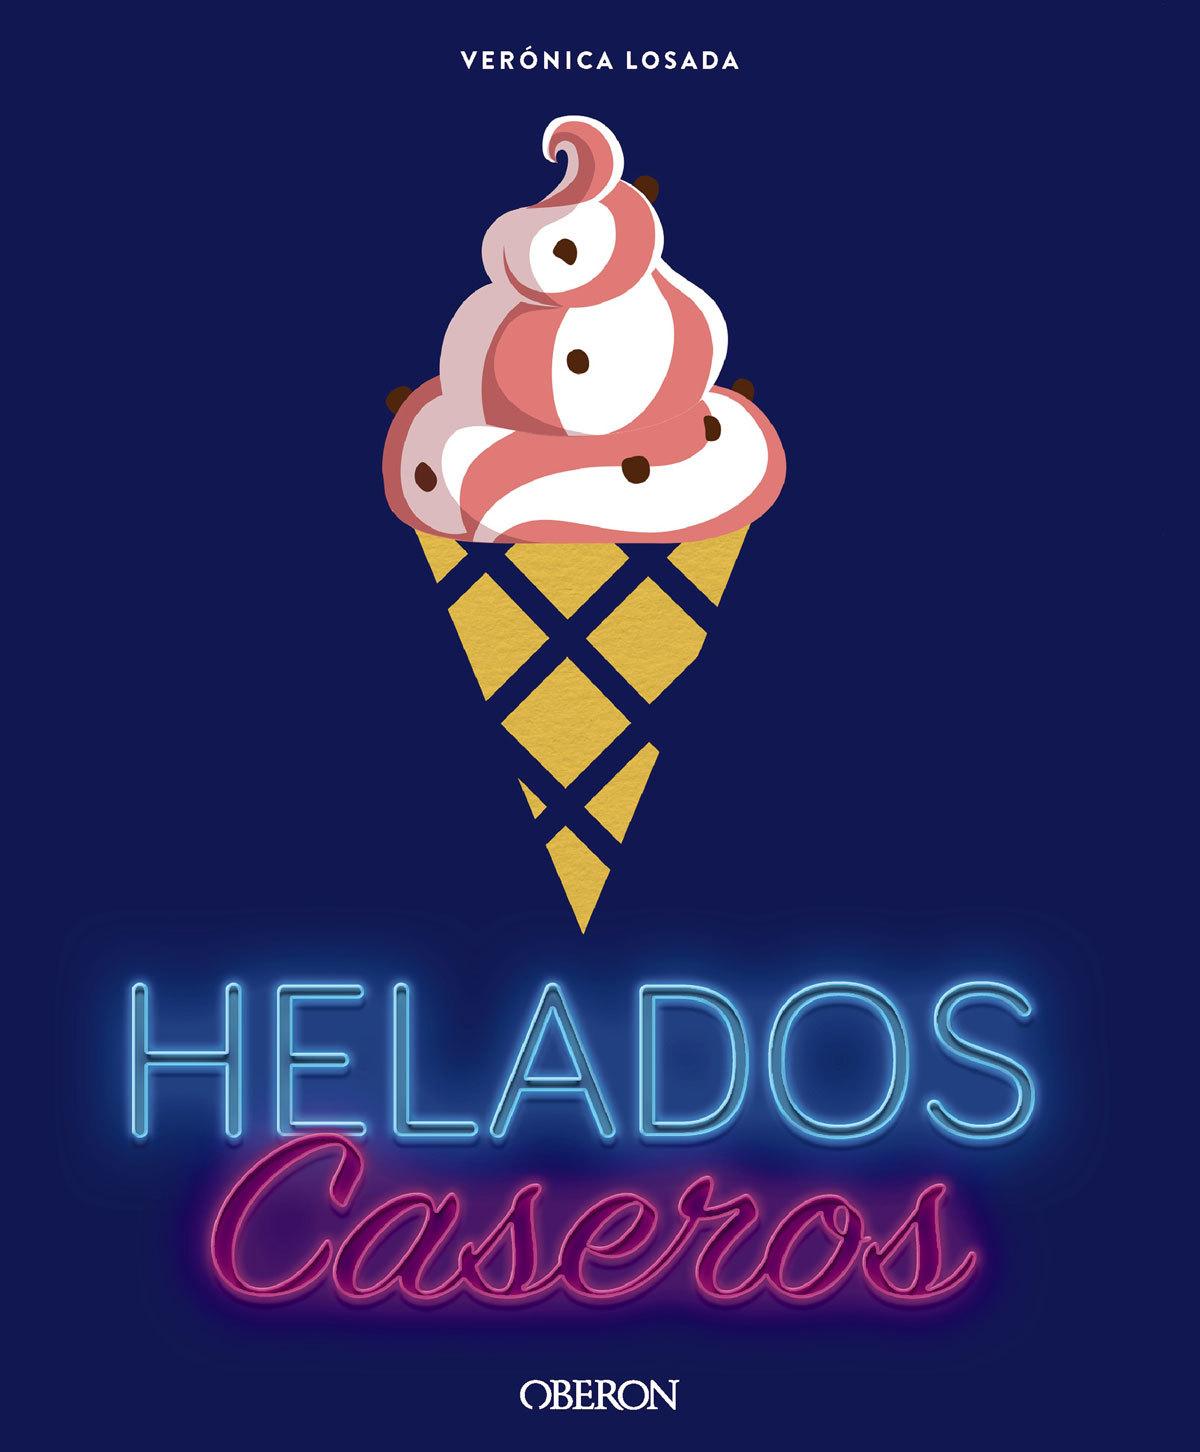 Helados caseros (Oberon), de Verónica Losada.